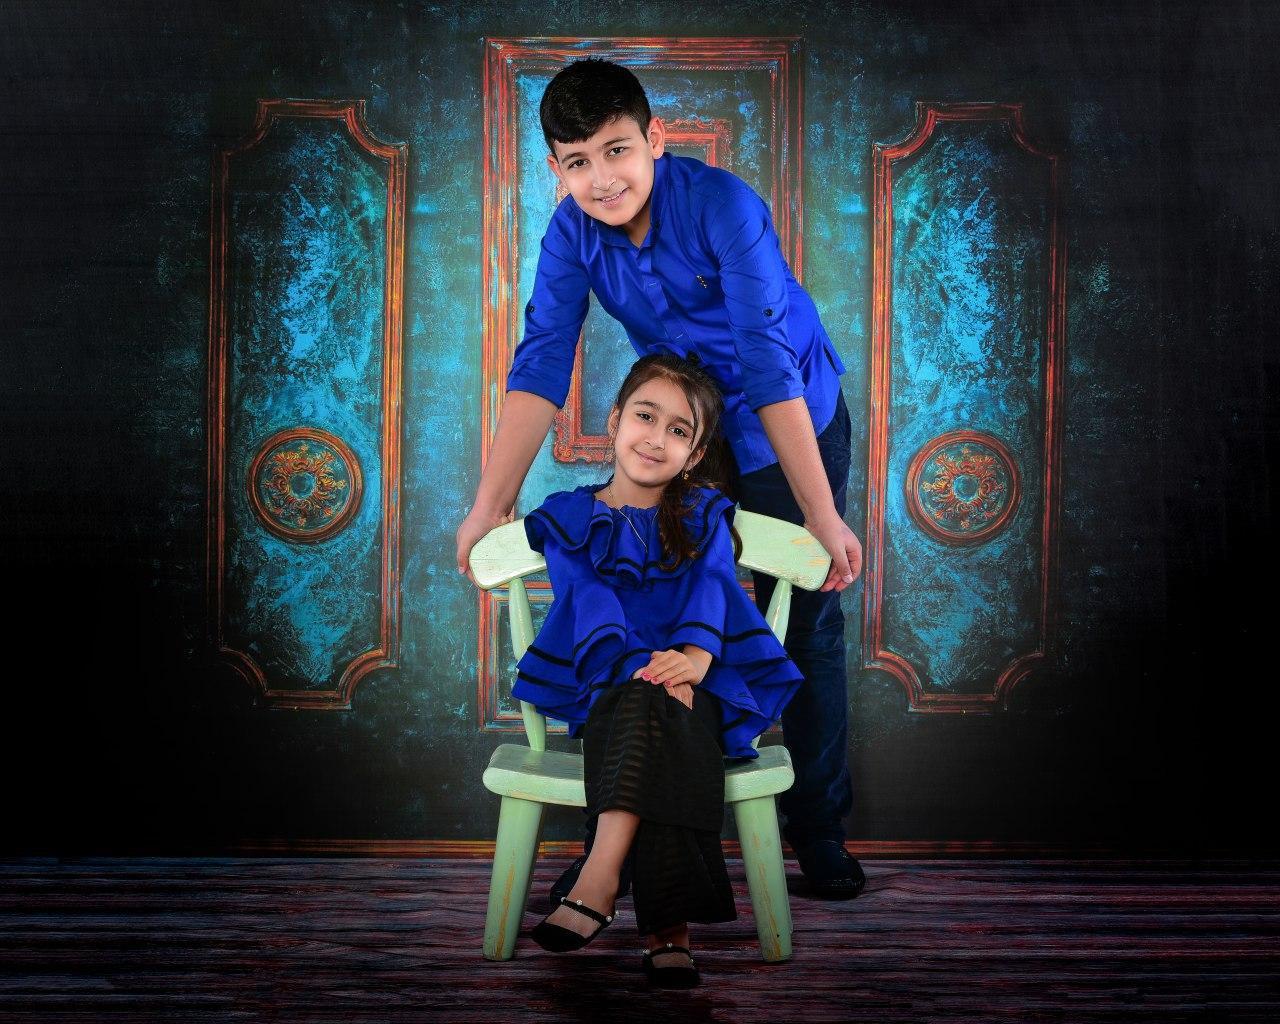 اتلیه کودک و عکس خواهر برادری